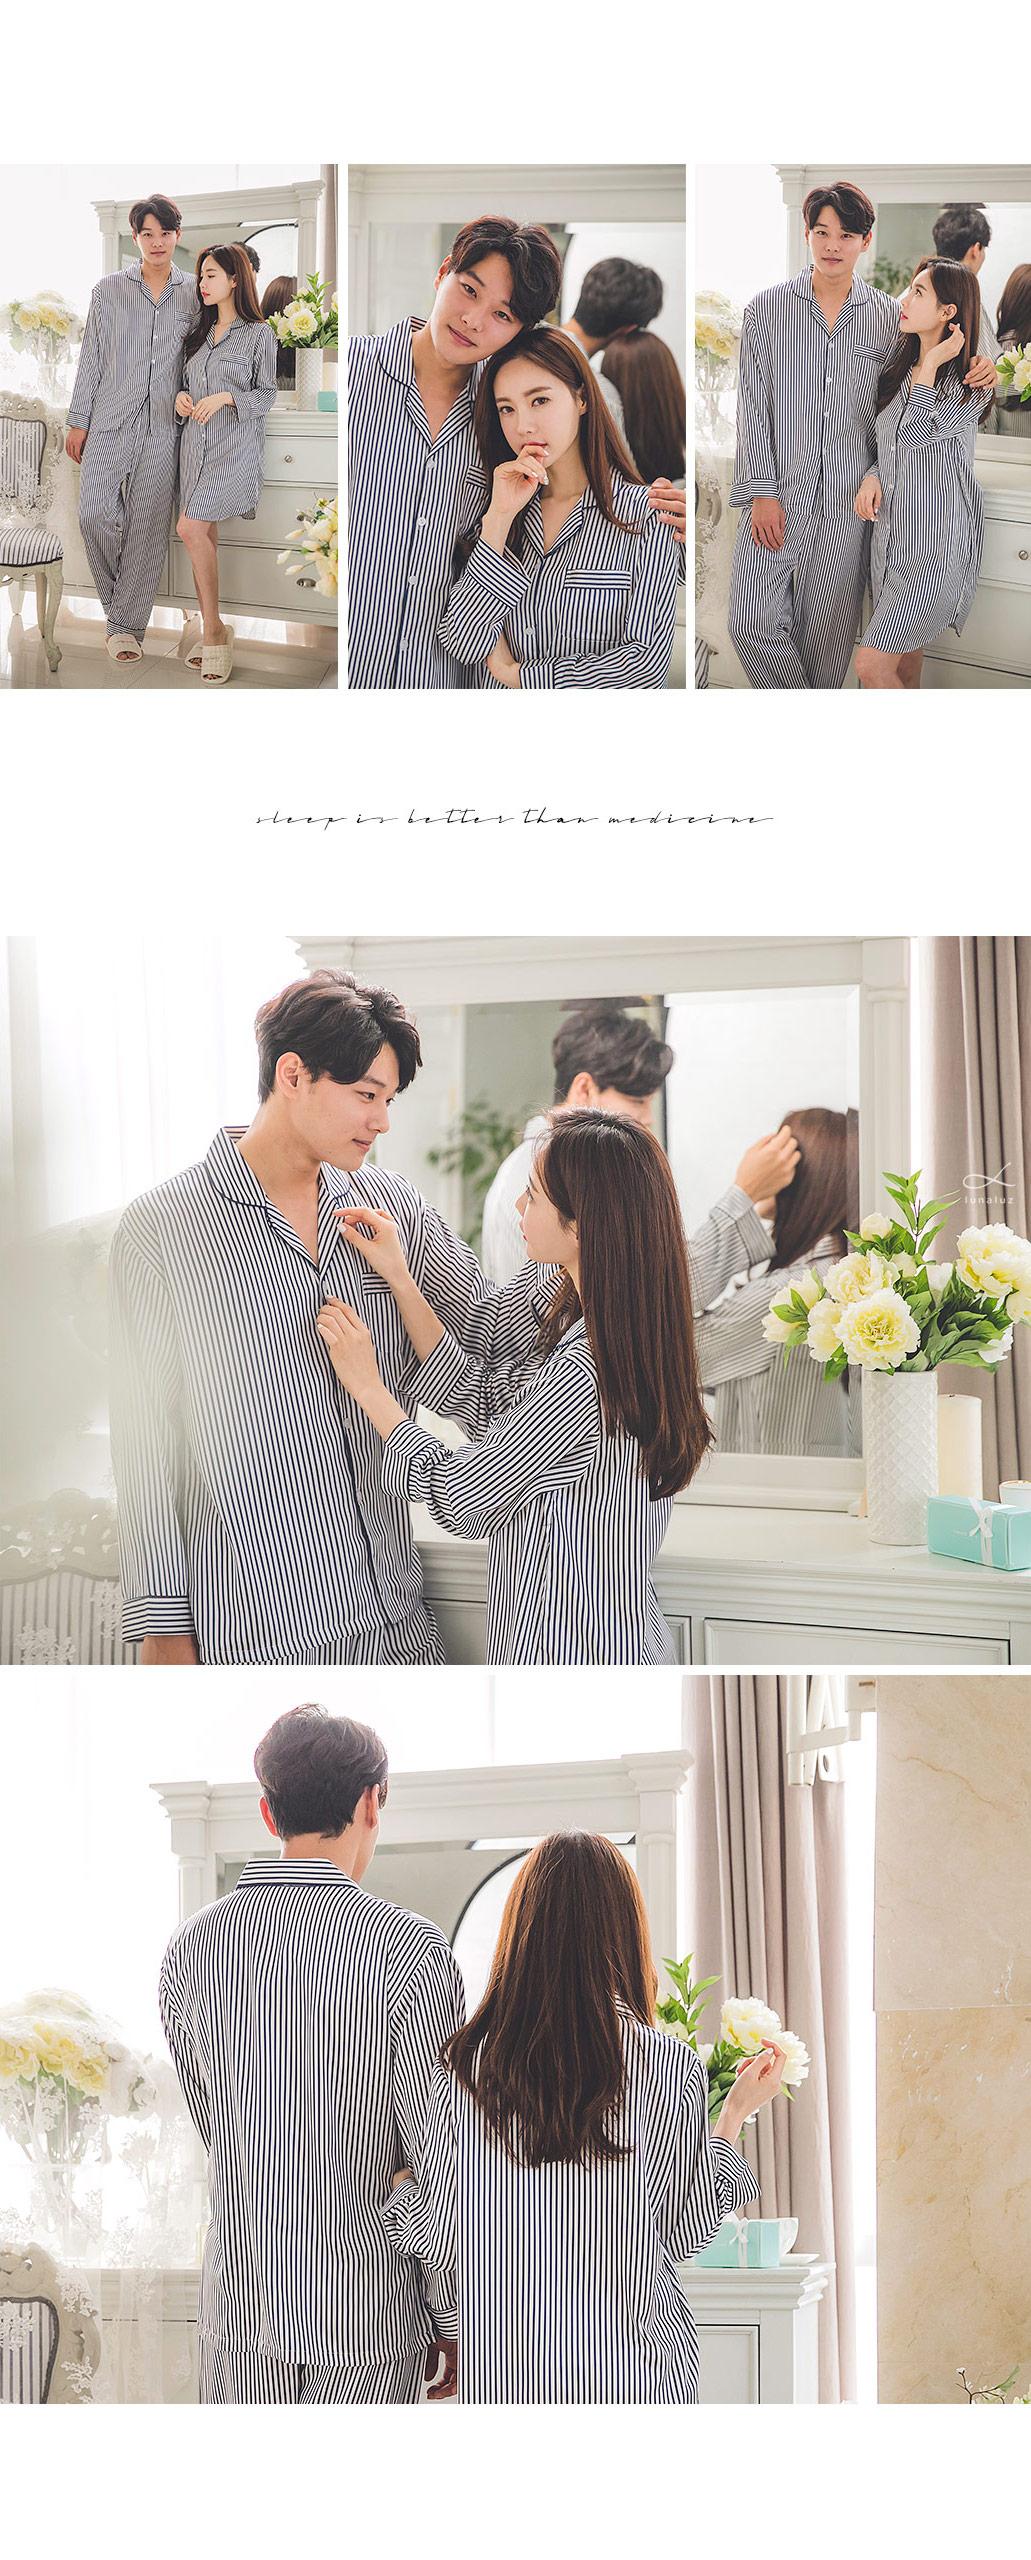 스트라이프 DTY 커플 원피스 잠옷 - 쿠비카, 124,000원, 잠옷, 커플파자마